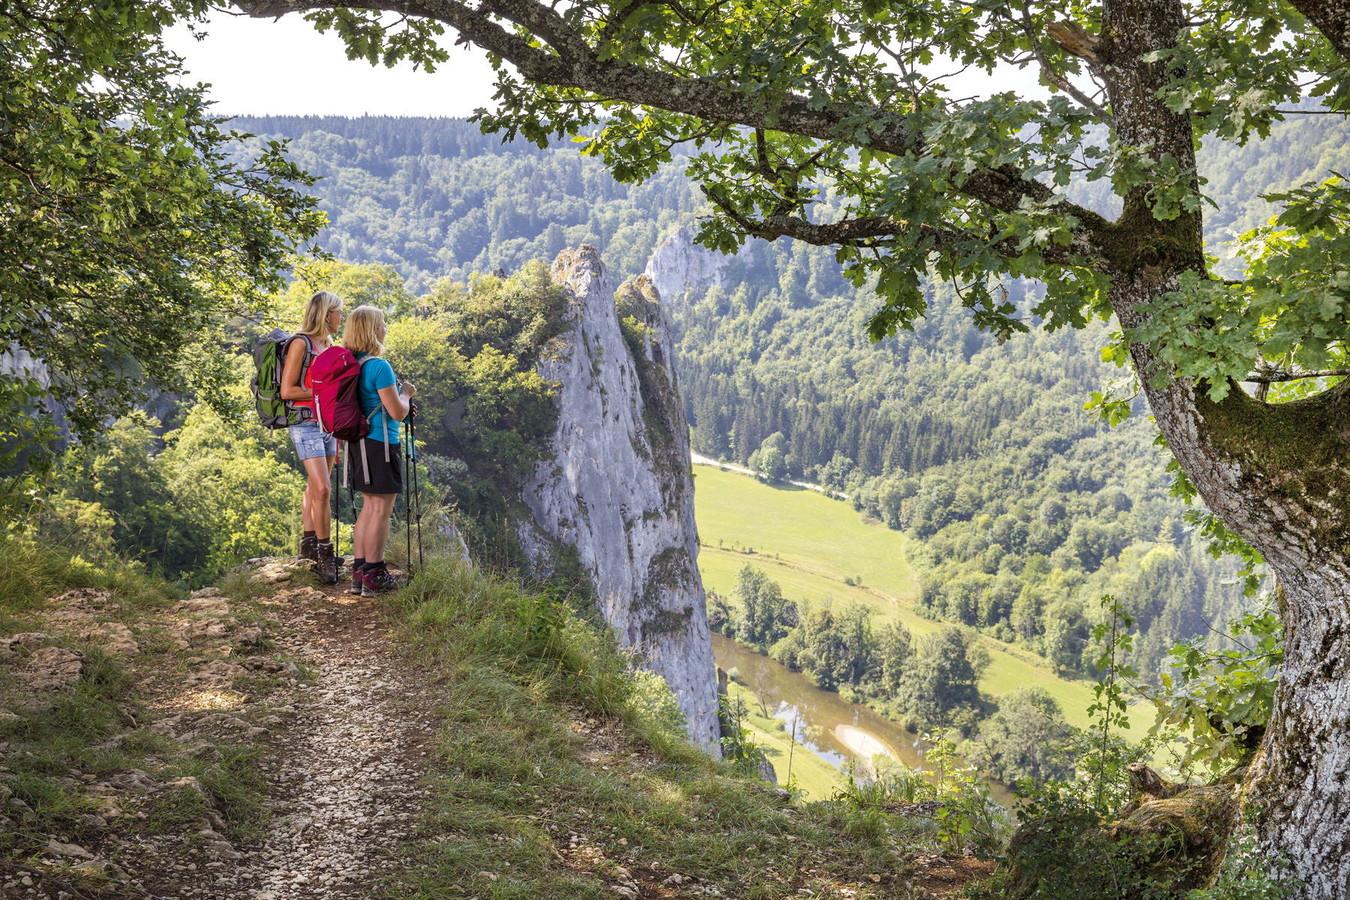 Zum zweitschönsten Wanderweg Deutschlands ist der Donauberglandweg im Jahr 2013 gewählt worden. Wer ihn gelaufen ist, weiß warum.